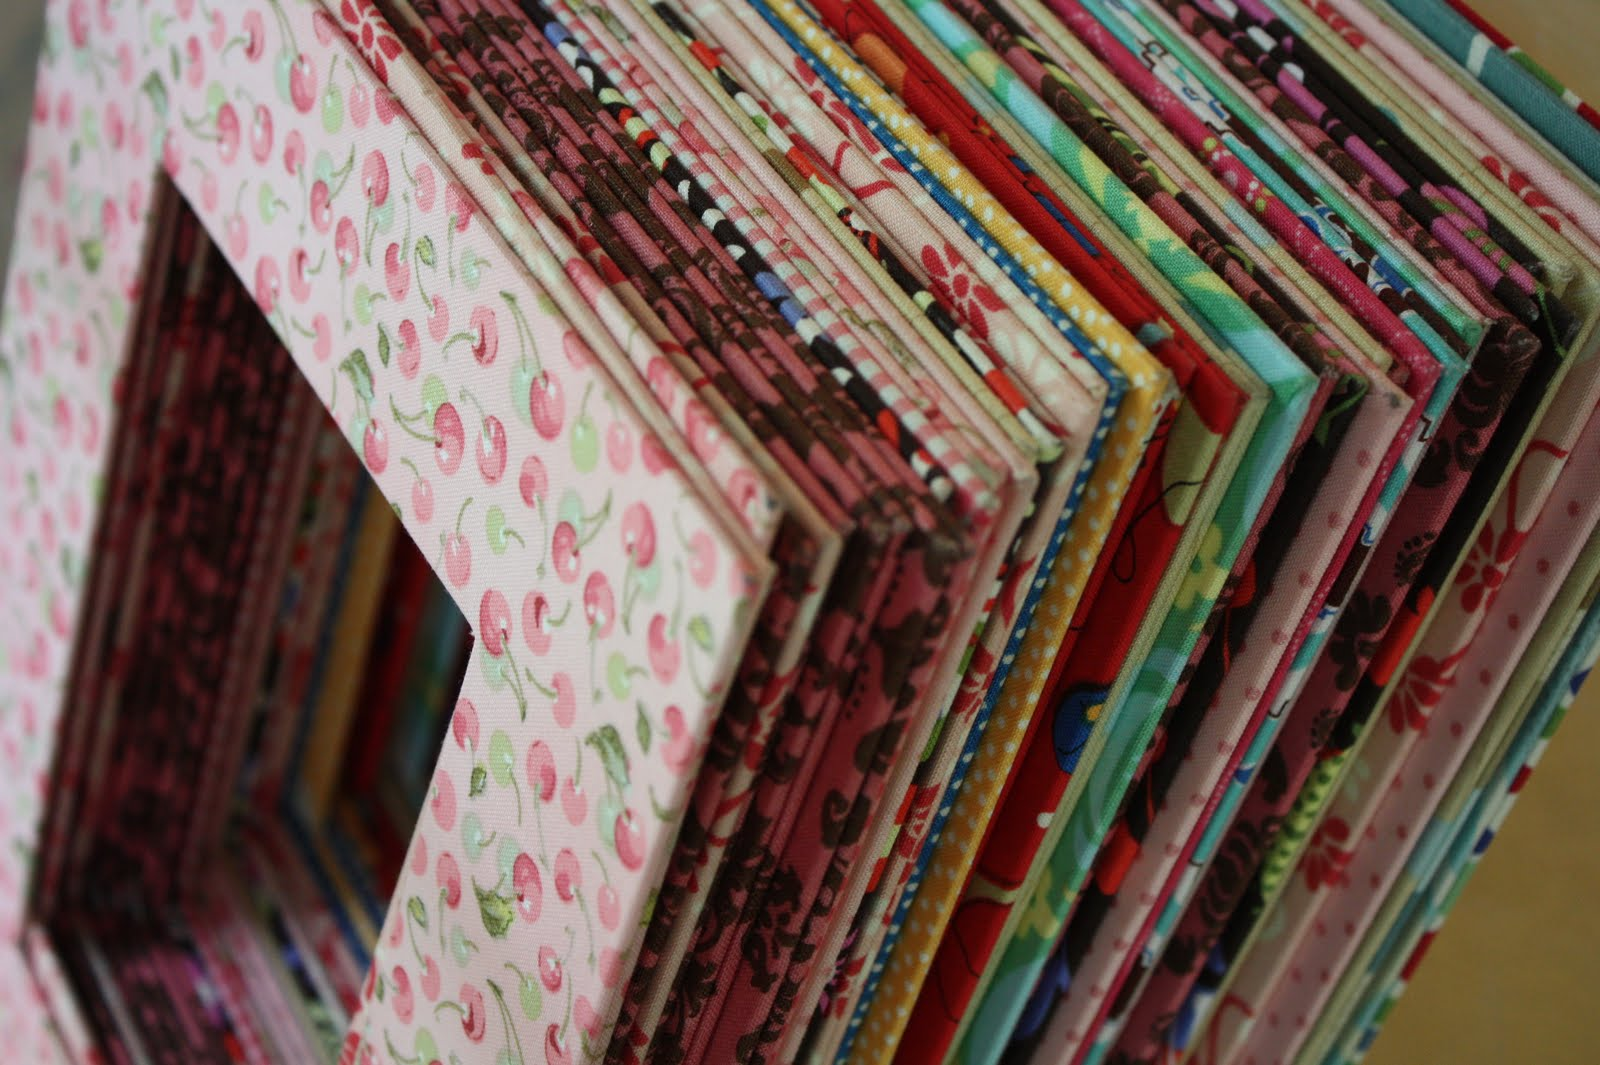 рамки-обрамления из ткани для картин и фотографий